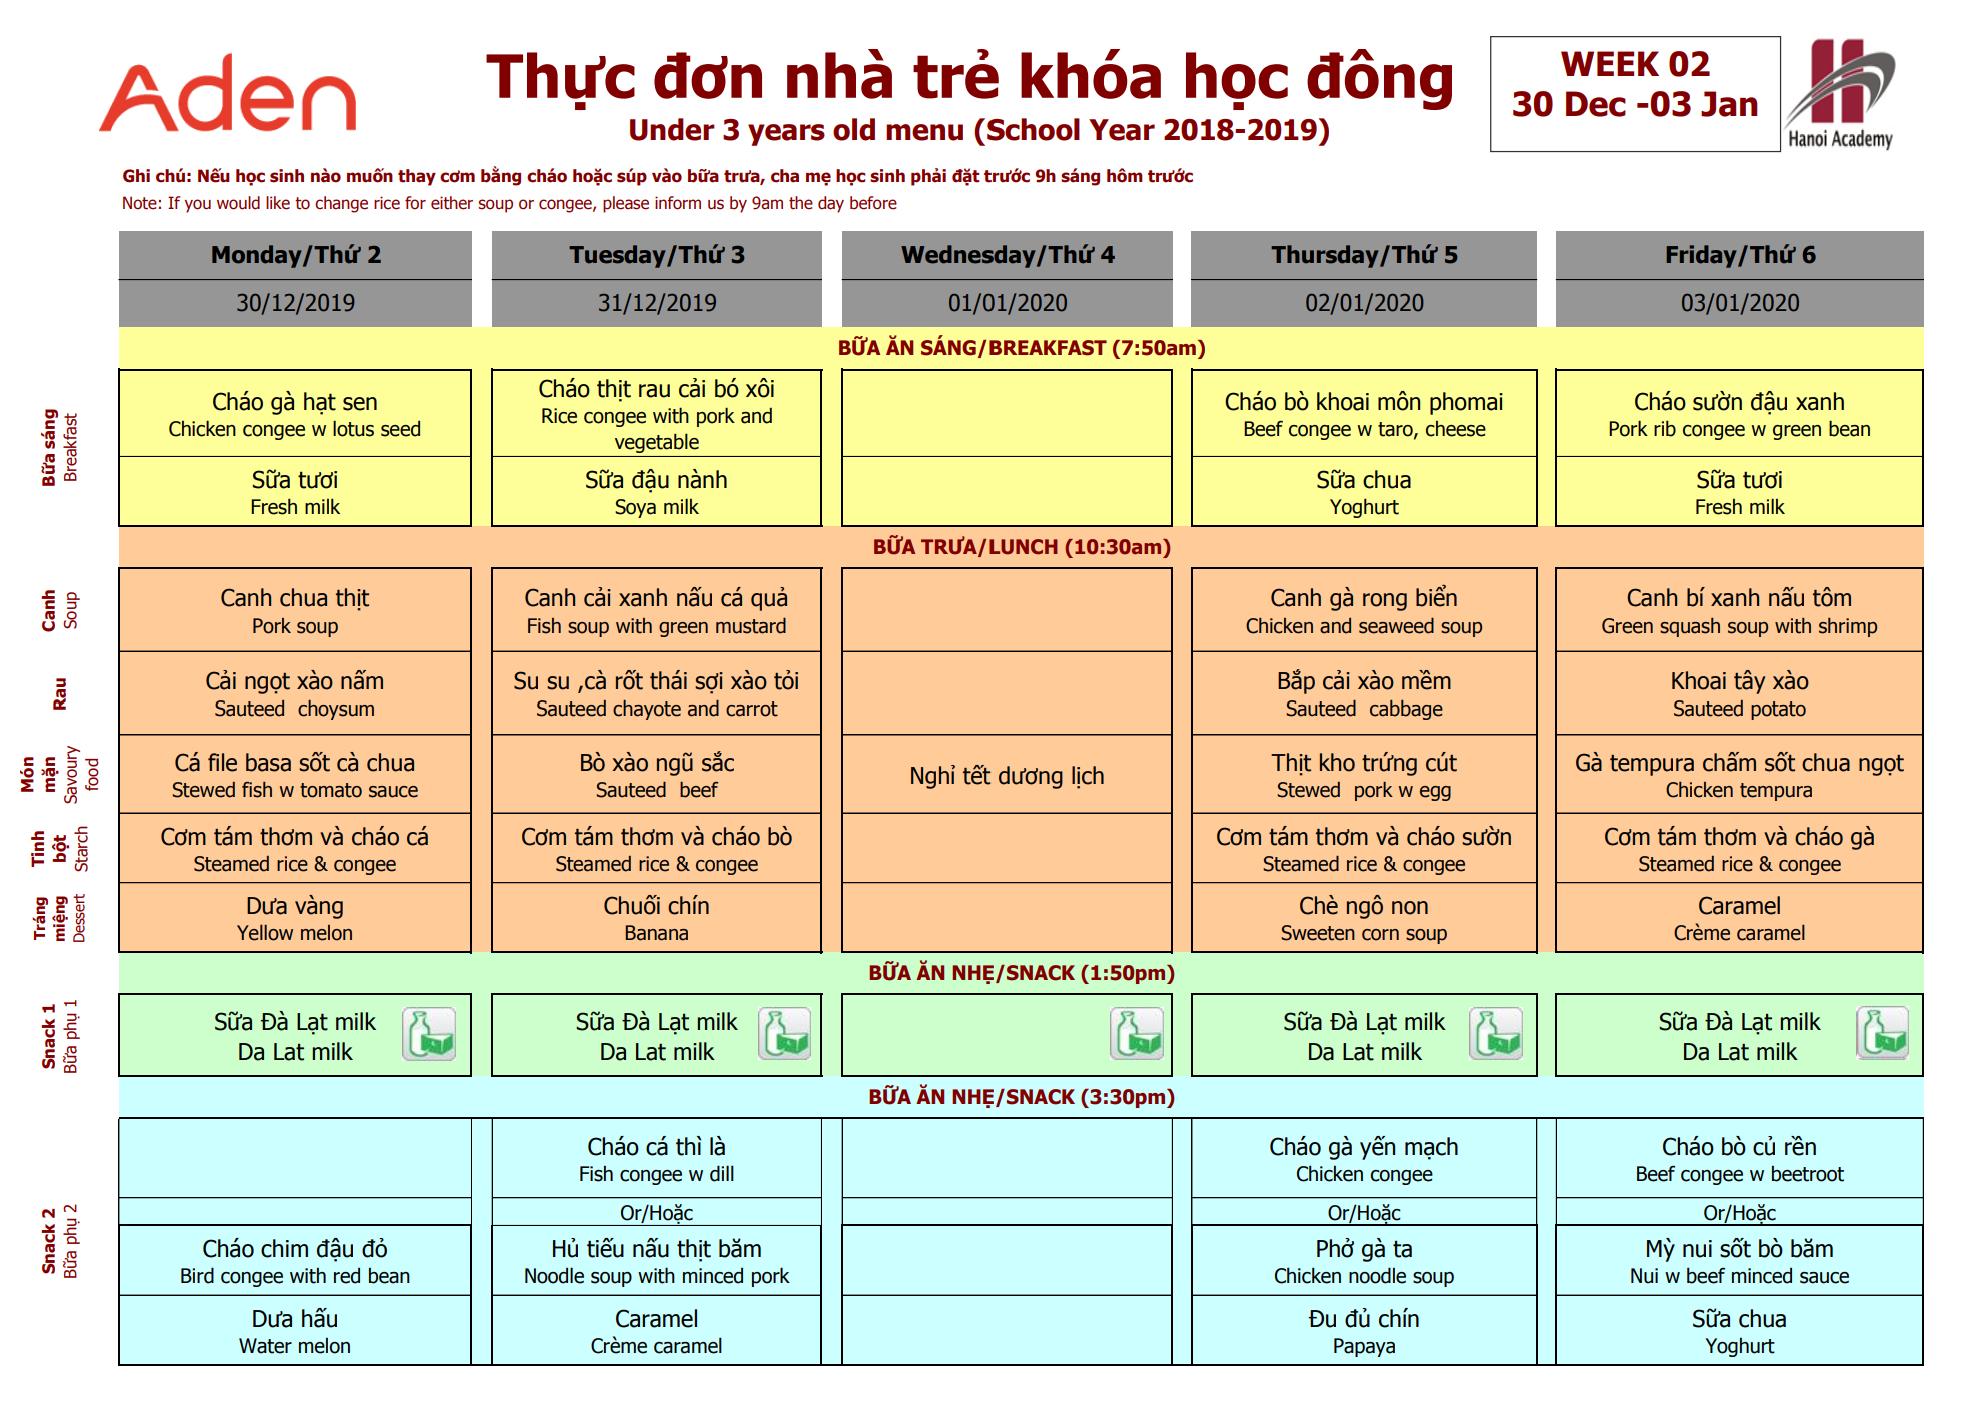 Thực đơn nhà trẻ Hanoi Academy khóa học đông Thực đơn trại đông (30/12 – 03/01) trường Hanoi Academy